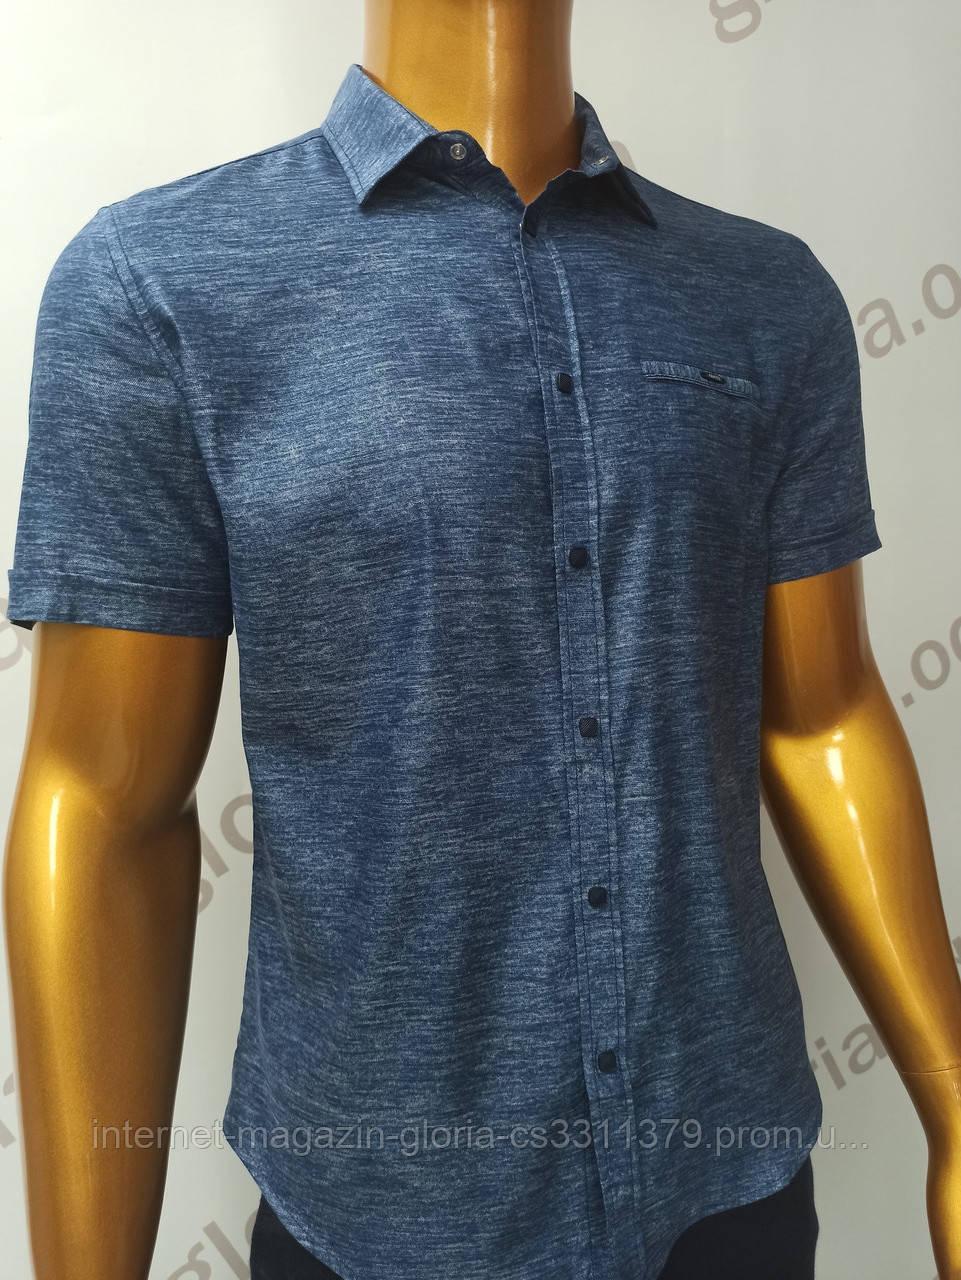 Мужская рубашка Amato. AG.19638-2(si). Размеры:M,L,XL(2), 2XL.